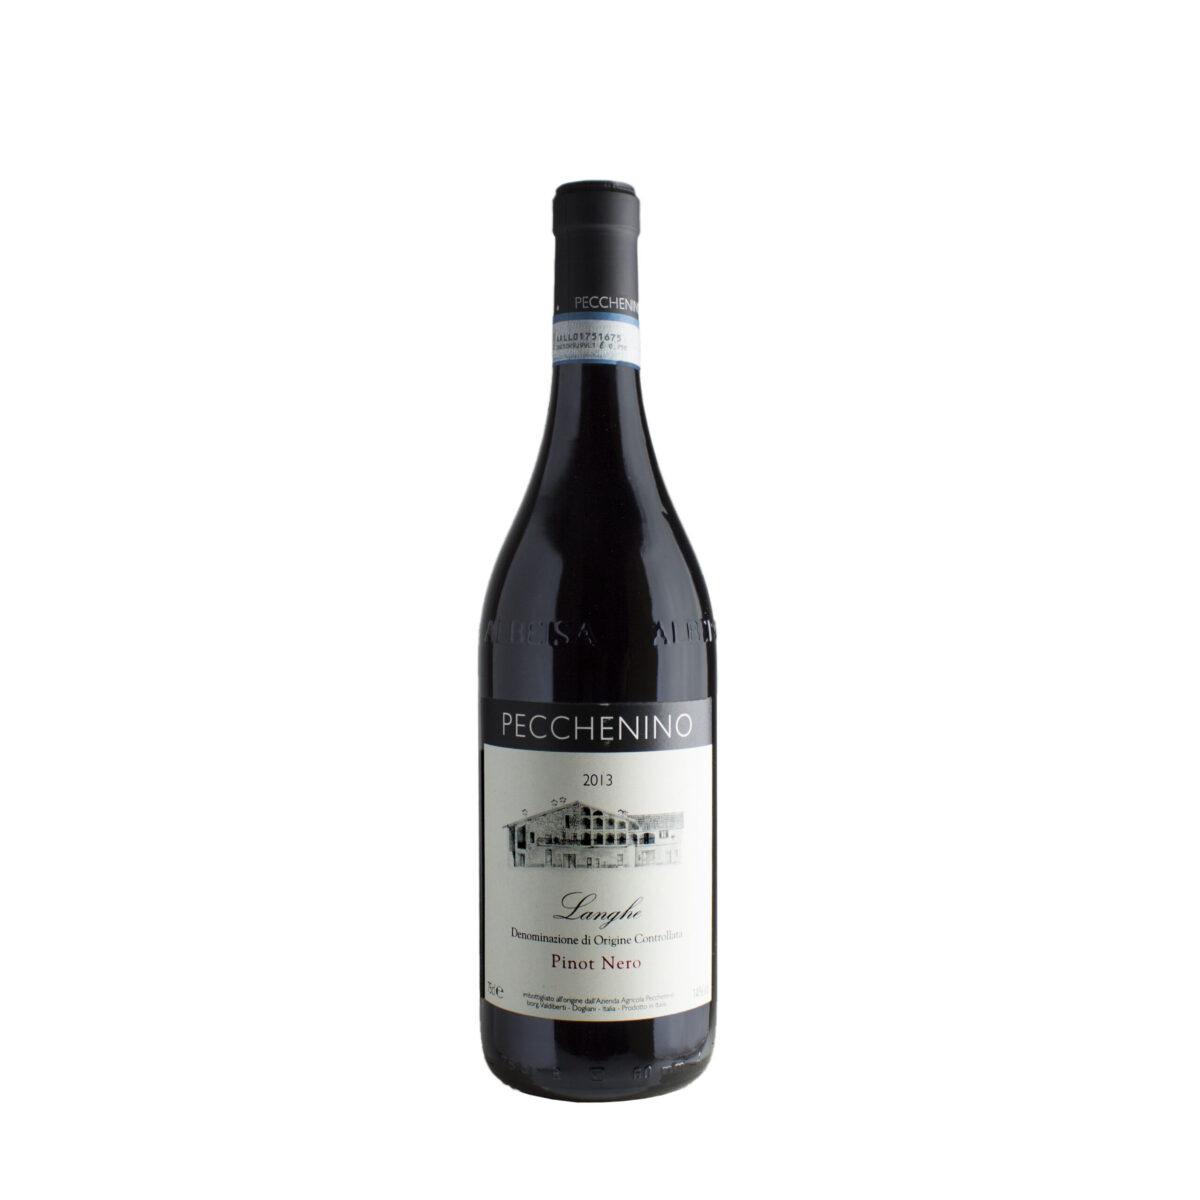 Pecchenino Langhe Pinot Nero 2013